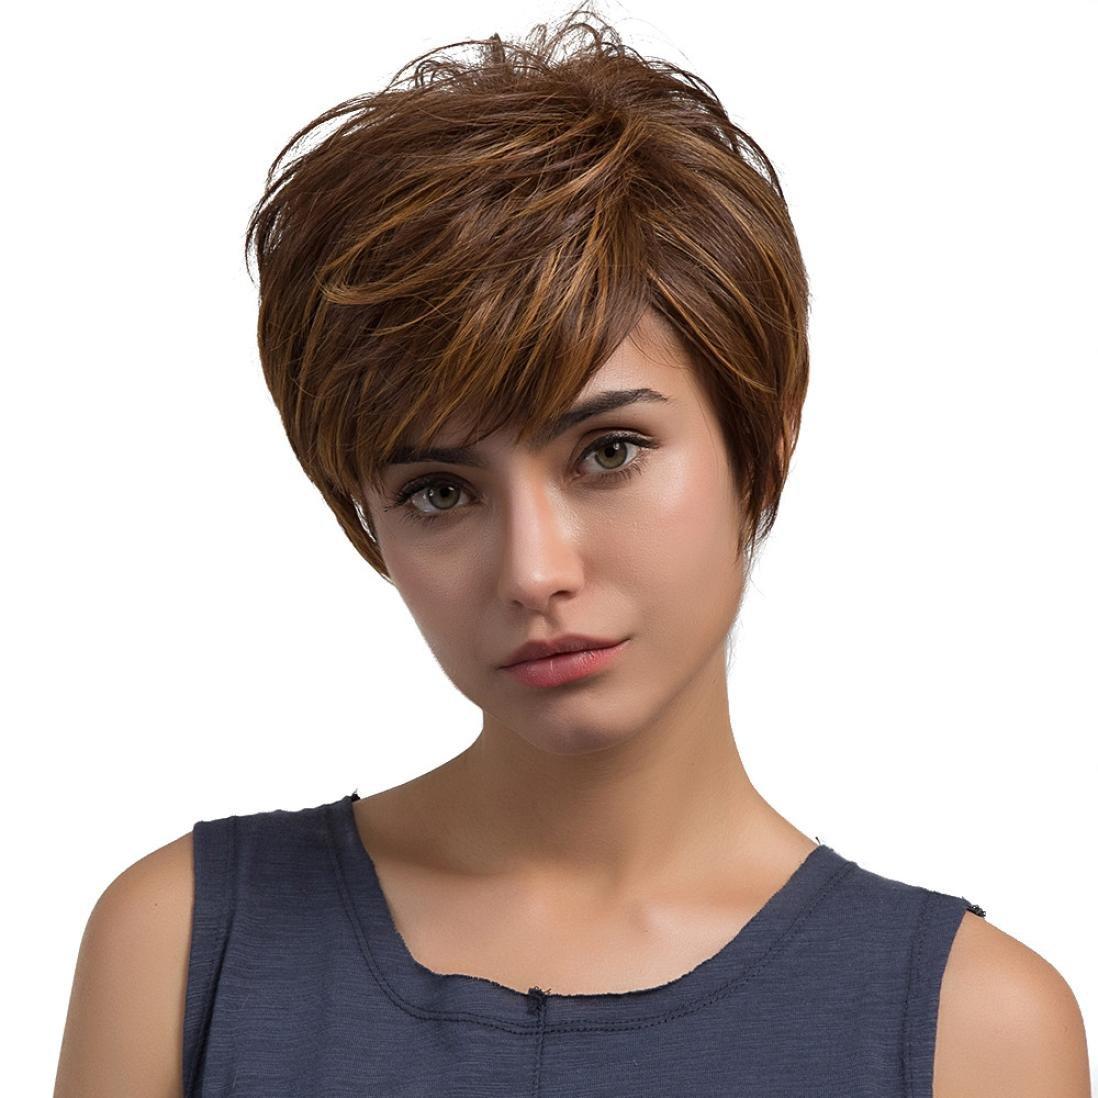 OHQ Cheveux Bruns De Fibre Chimique Blonde Afro BréSilien Brune Courts Naturel Courte Bresilienne Marron Perruque Naturels Mode Pour Femmes Femme Naturelle Vrai (marron)